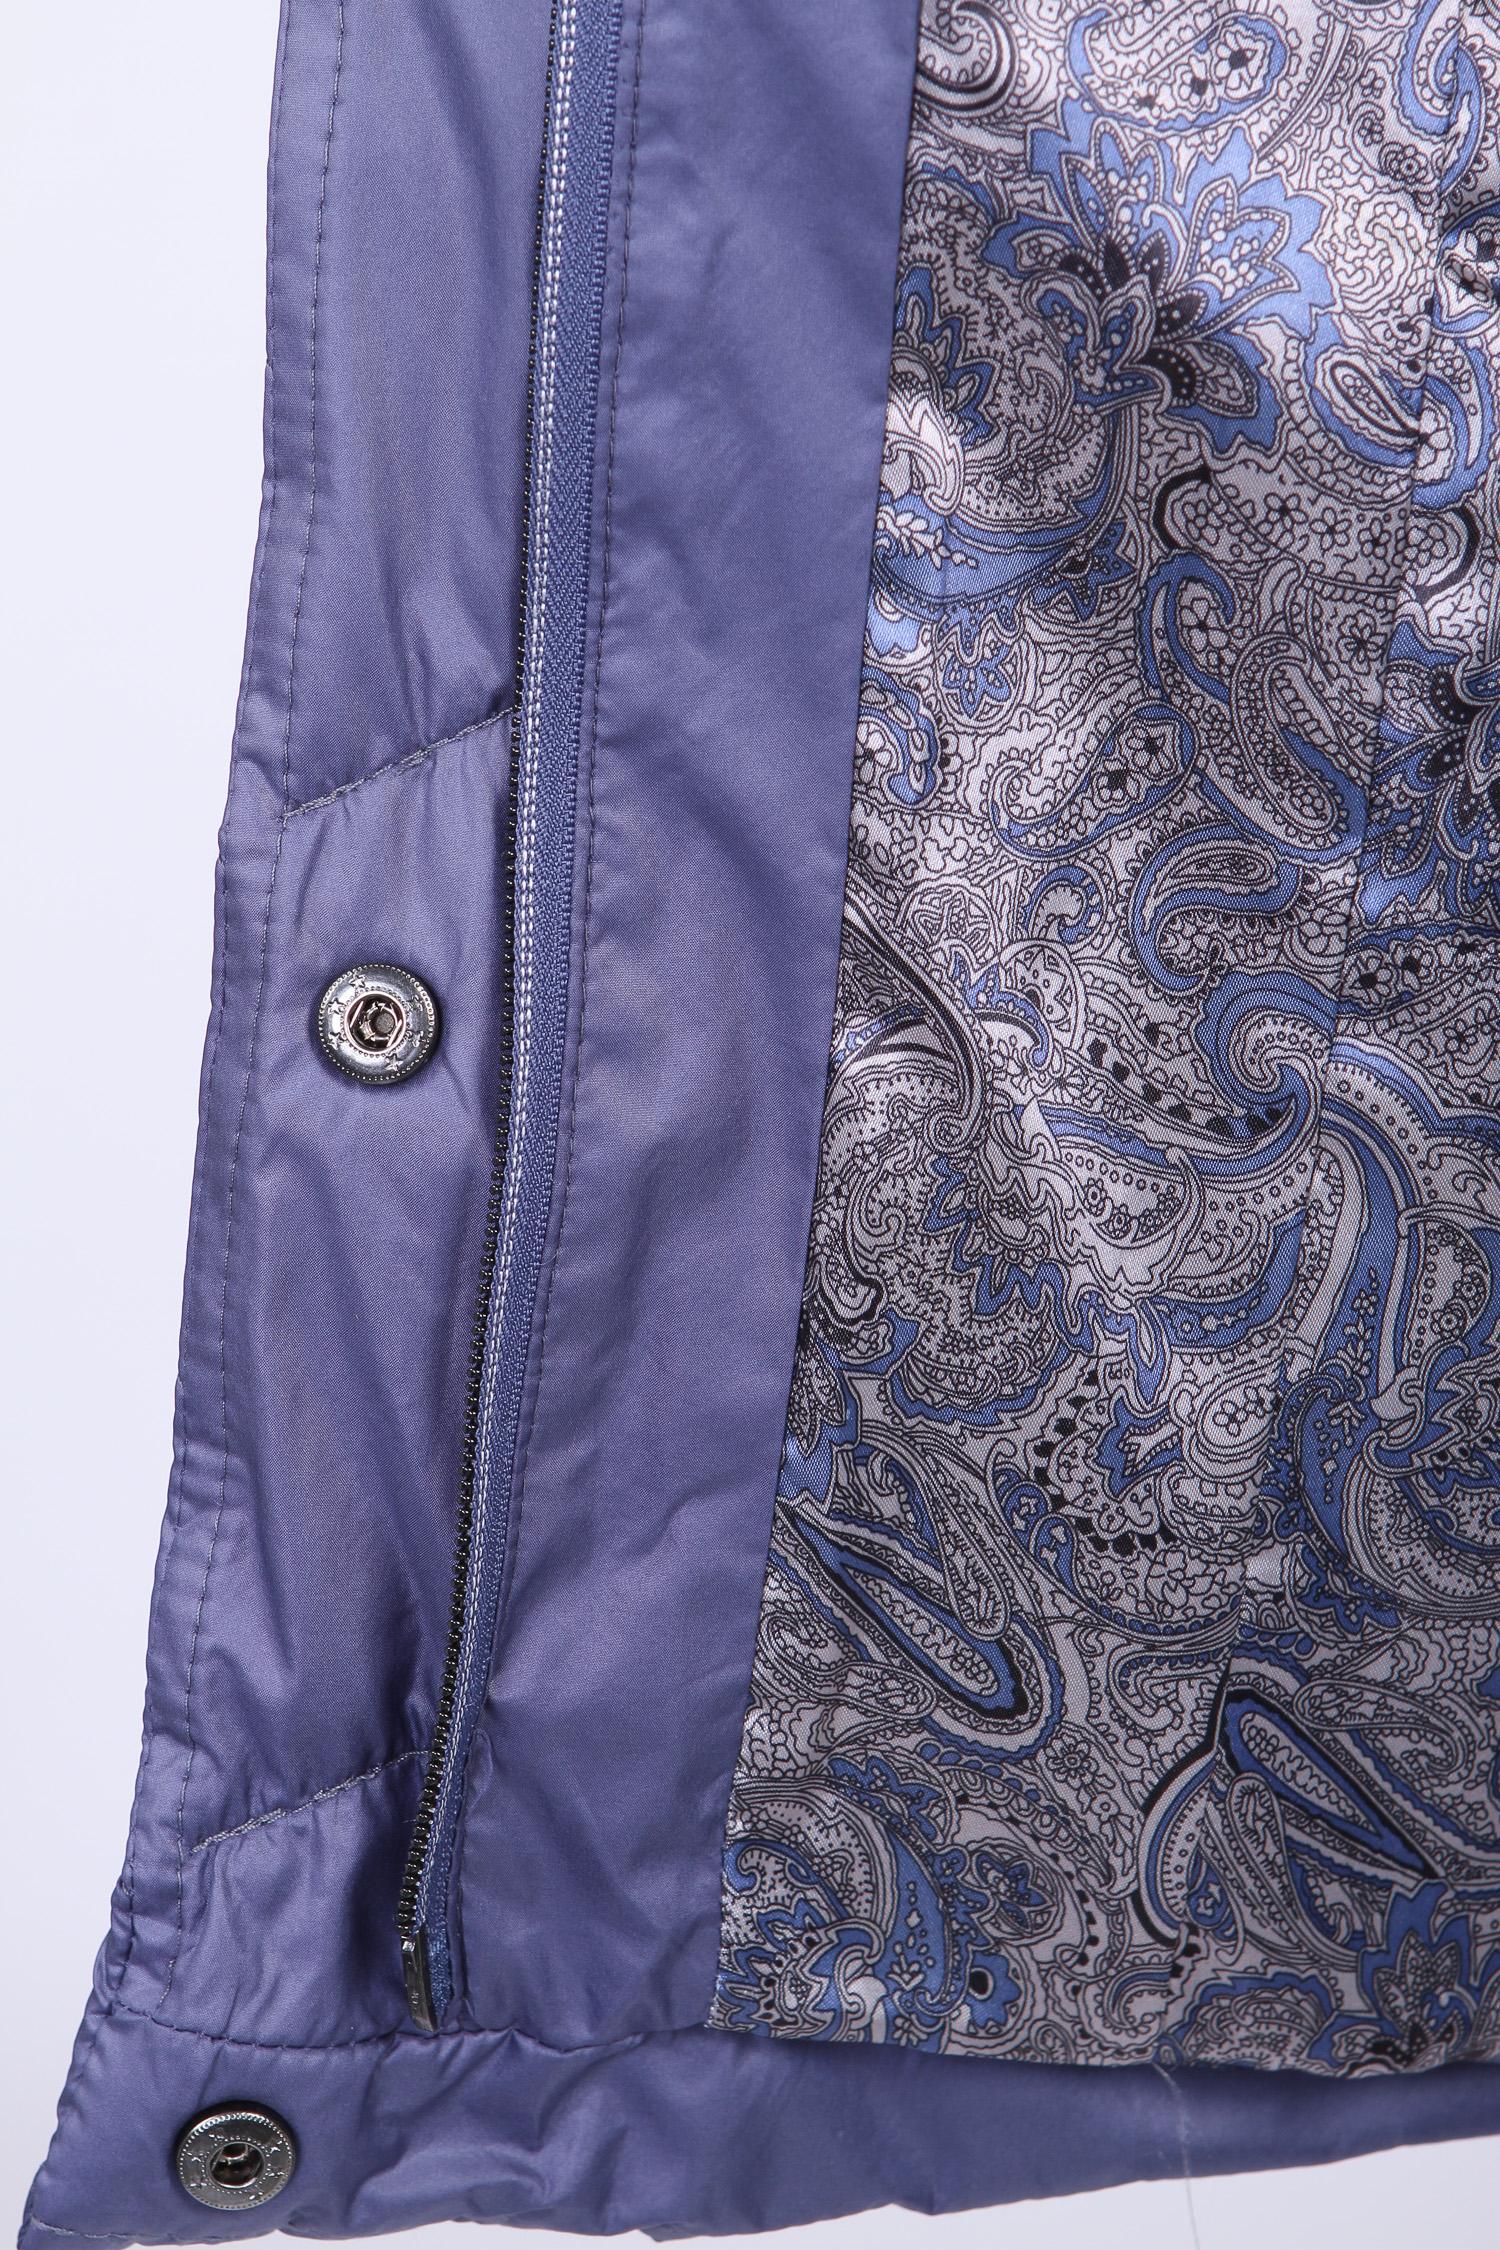 Женская куртка из текстиля с воротником, без отделки от Московская Меховая Компания